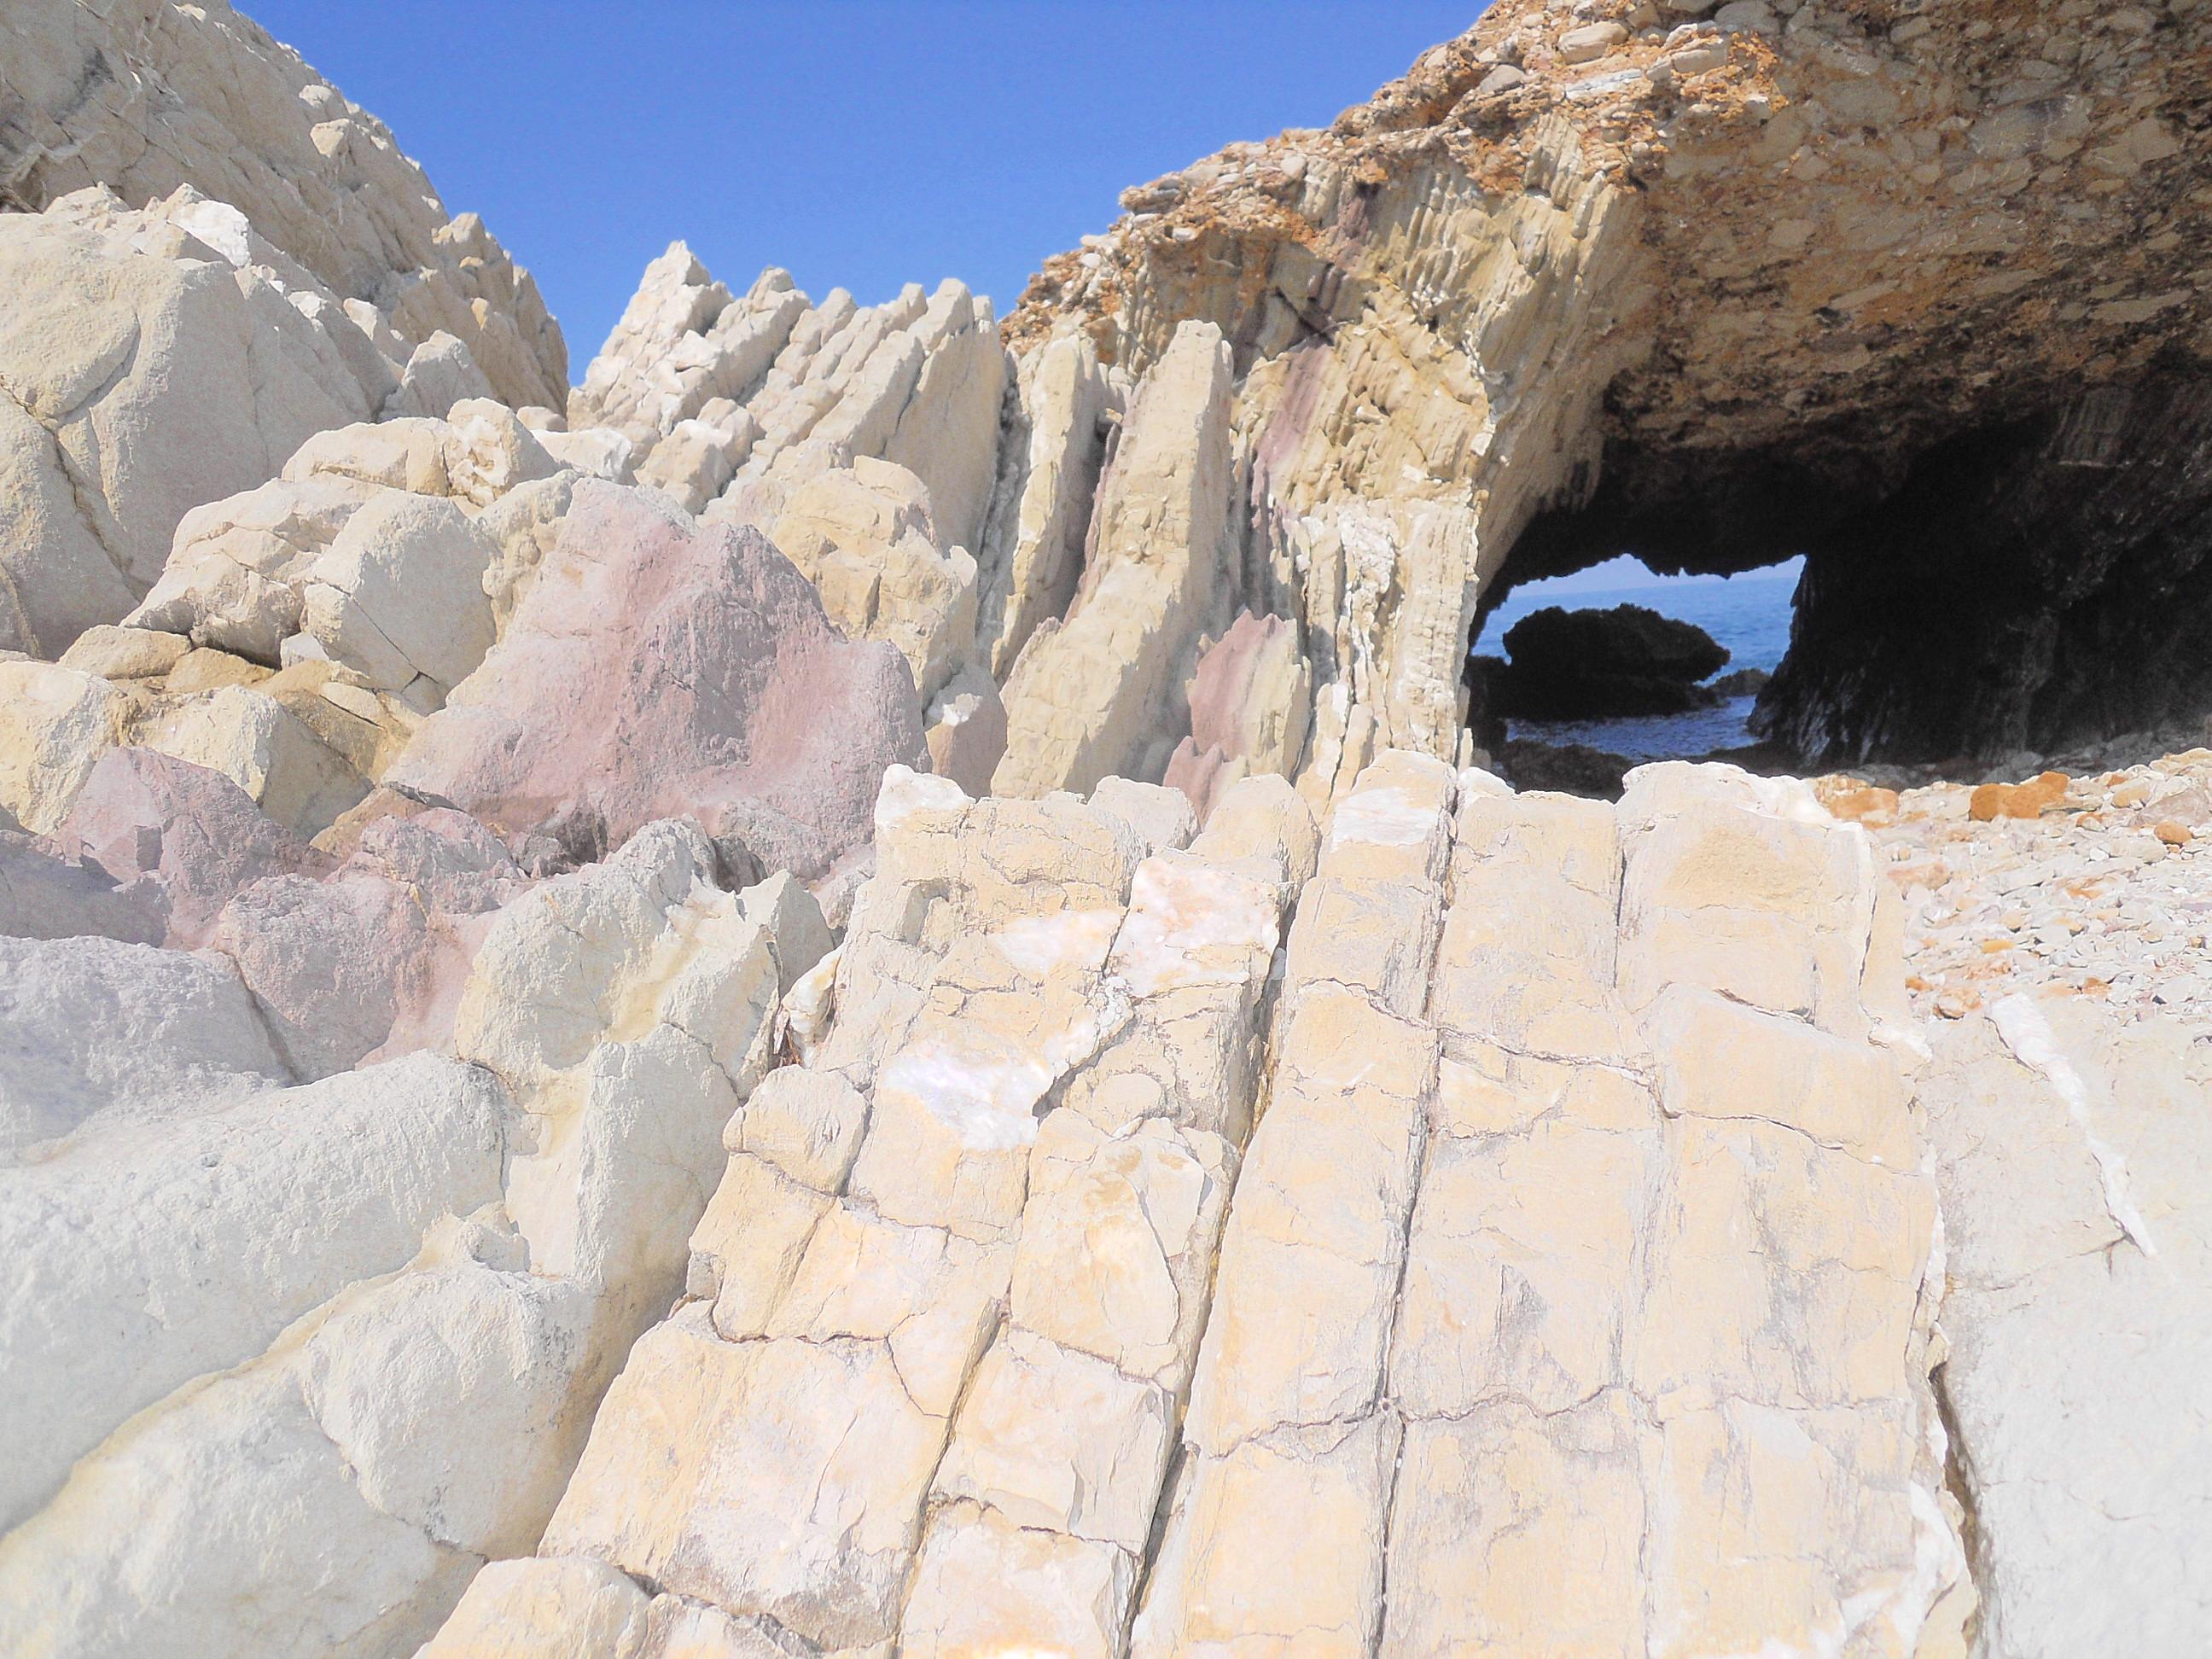 Incontro tra le due piattaforme rocciose di Cala Rossa e Mulinazzo alla Maidduzza, sullo sfondo la Grotta Perciata. Ph. Antonio Catalfio